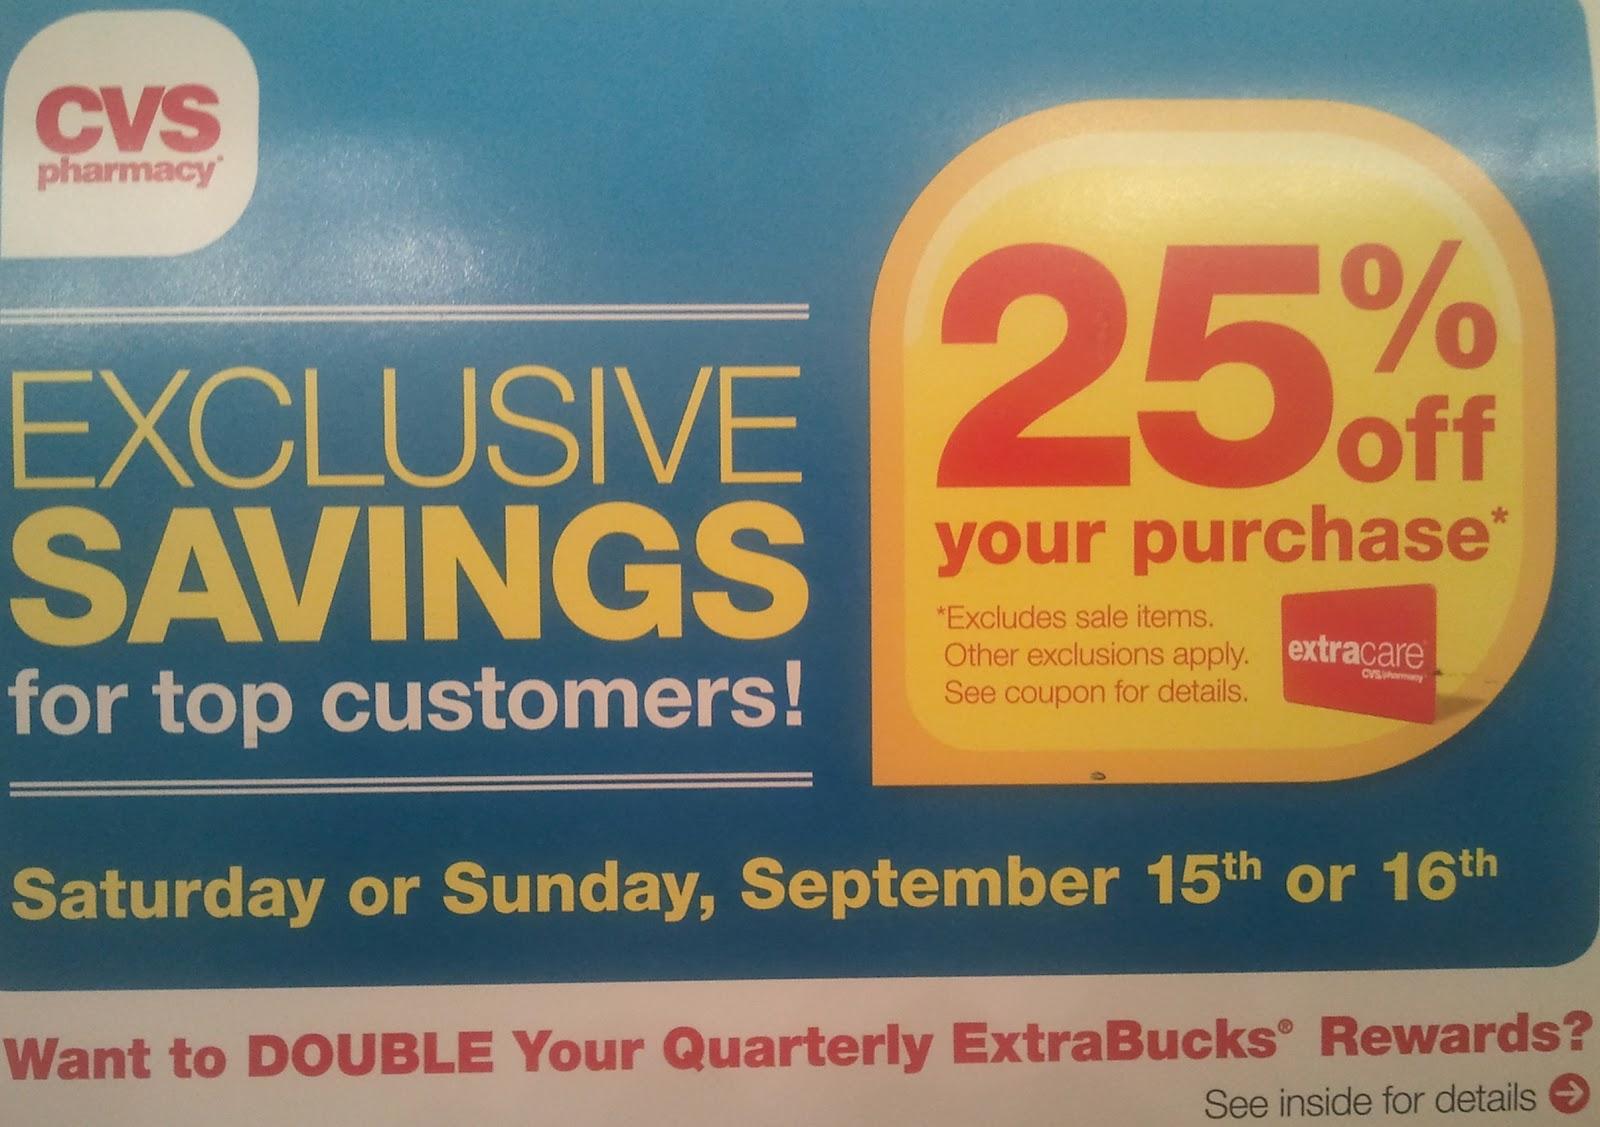 Cvs discount coupons